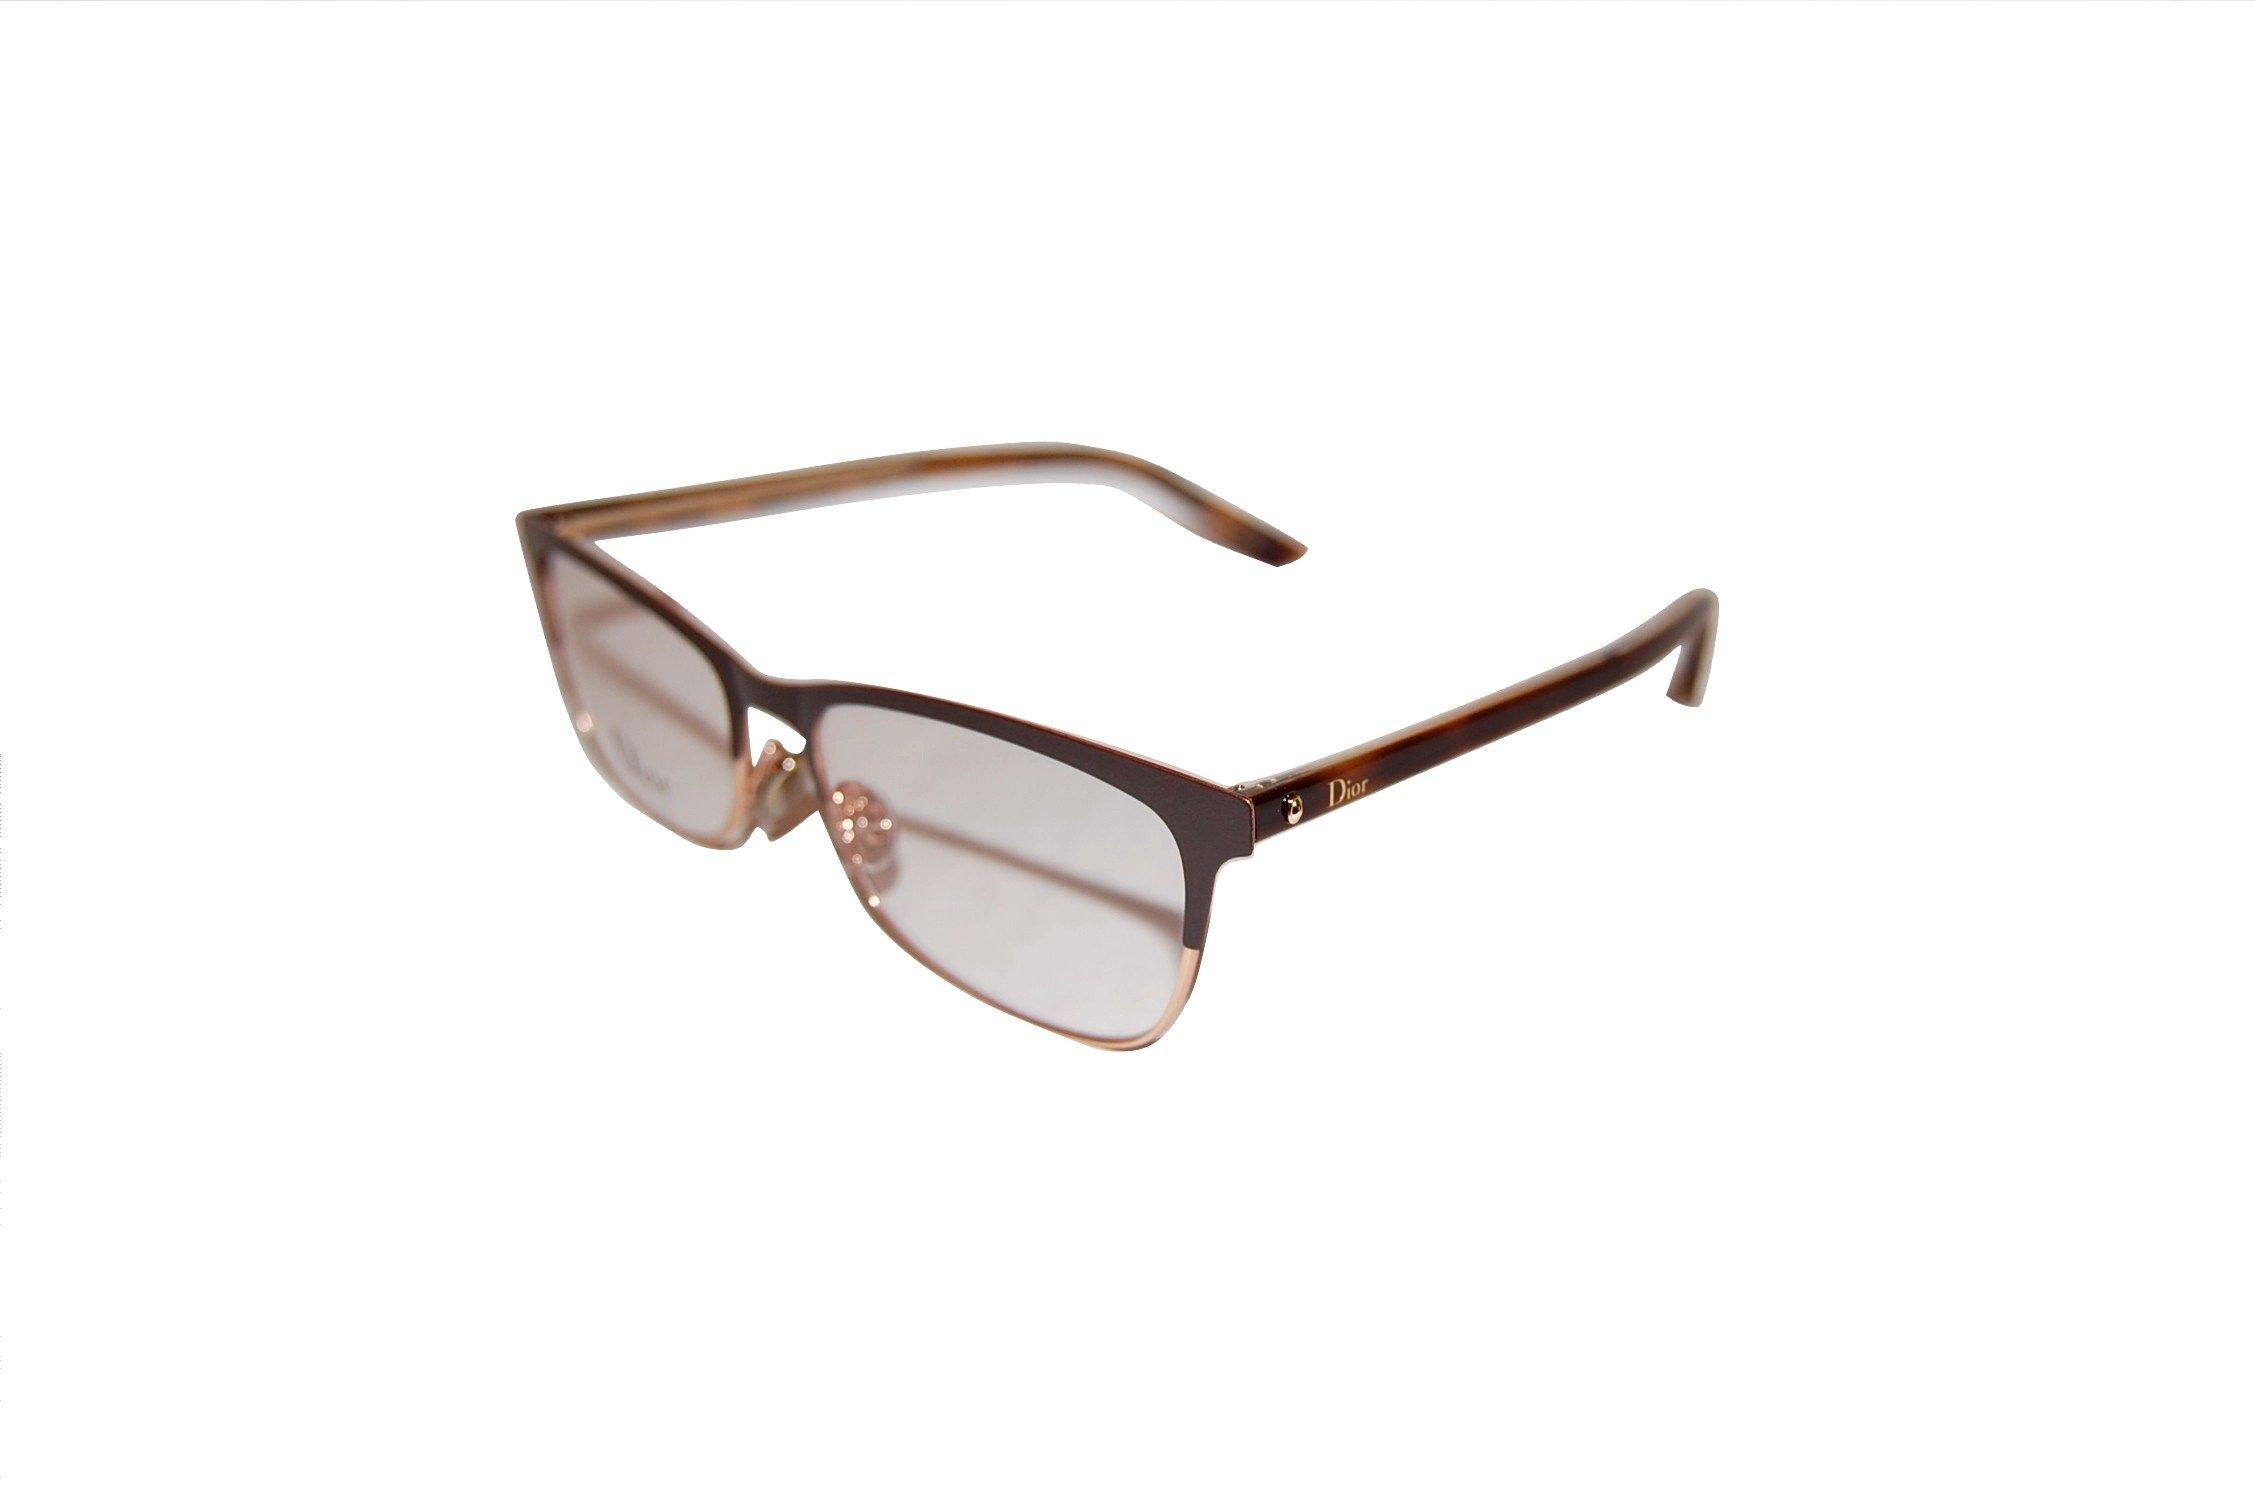 Dior montaigne 32 sfd Matte Burgundy Black Eyeglasses